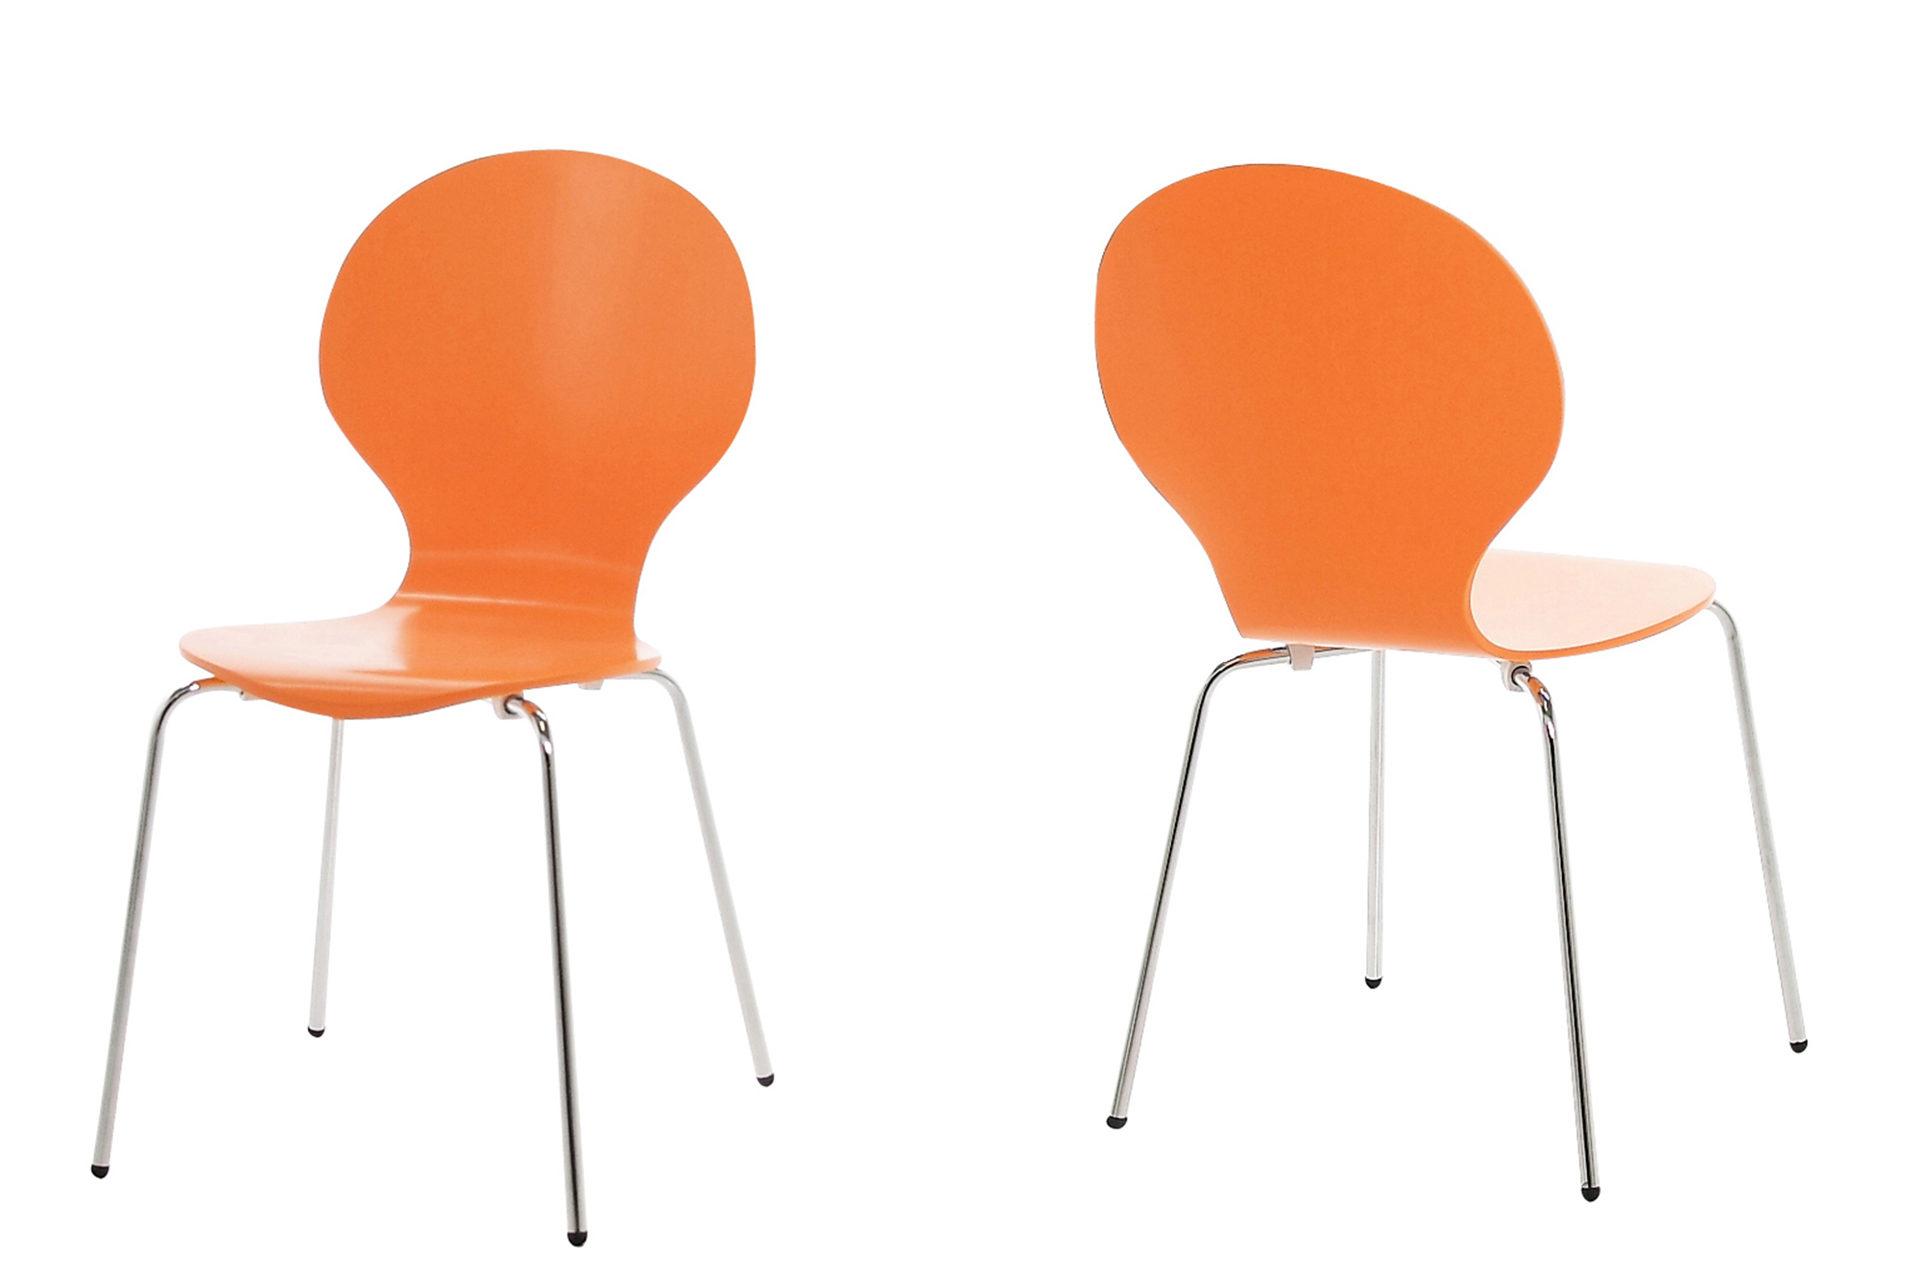 Stapelstuhl als einzelnes Sitzmöbel oder für Sitzgruppen ...